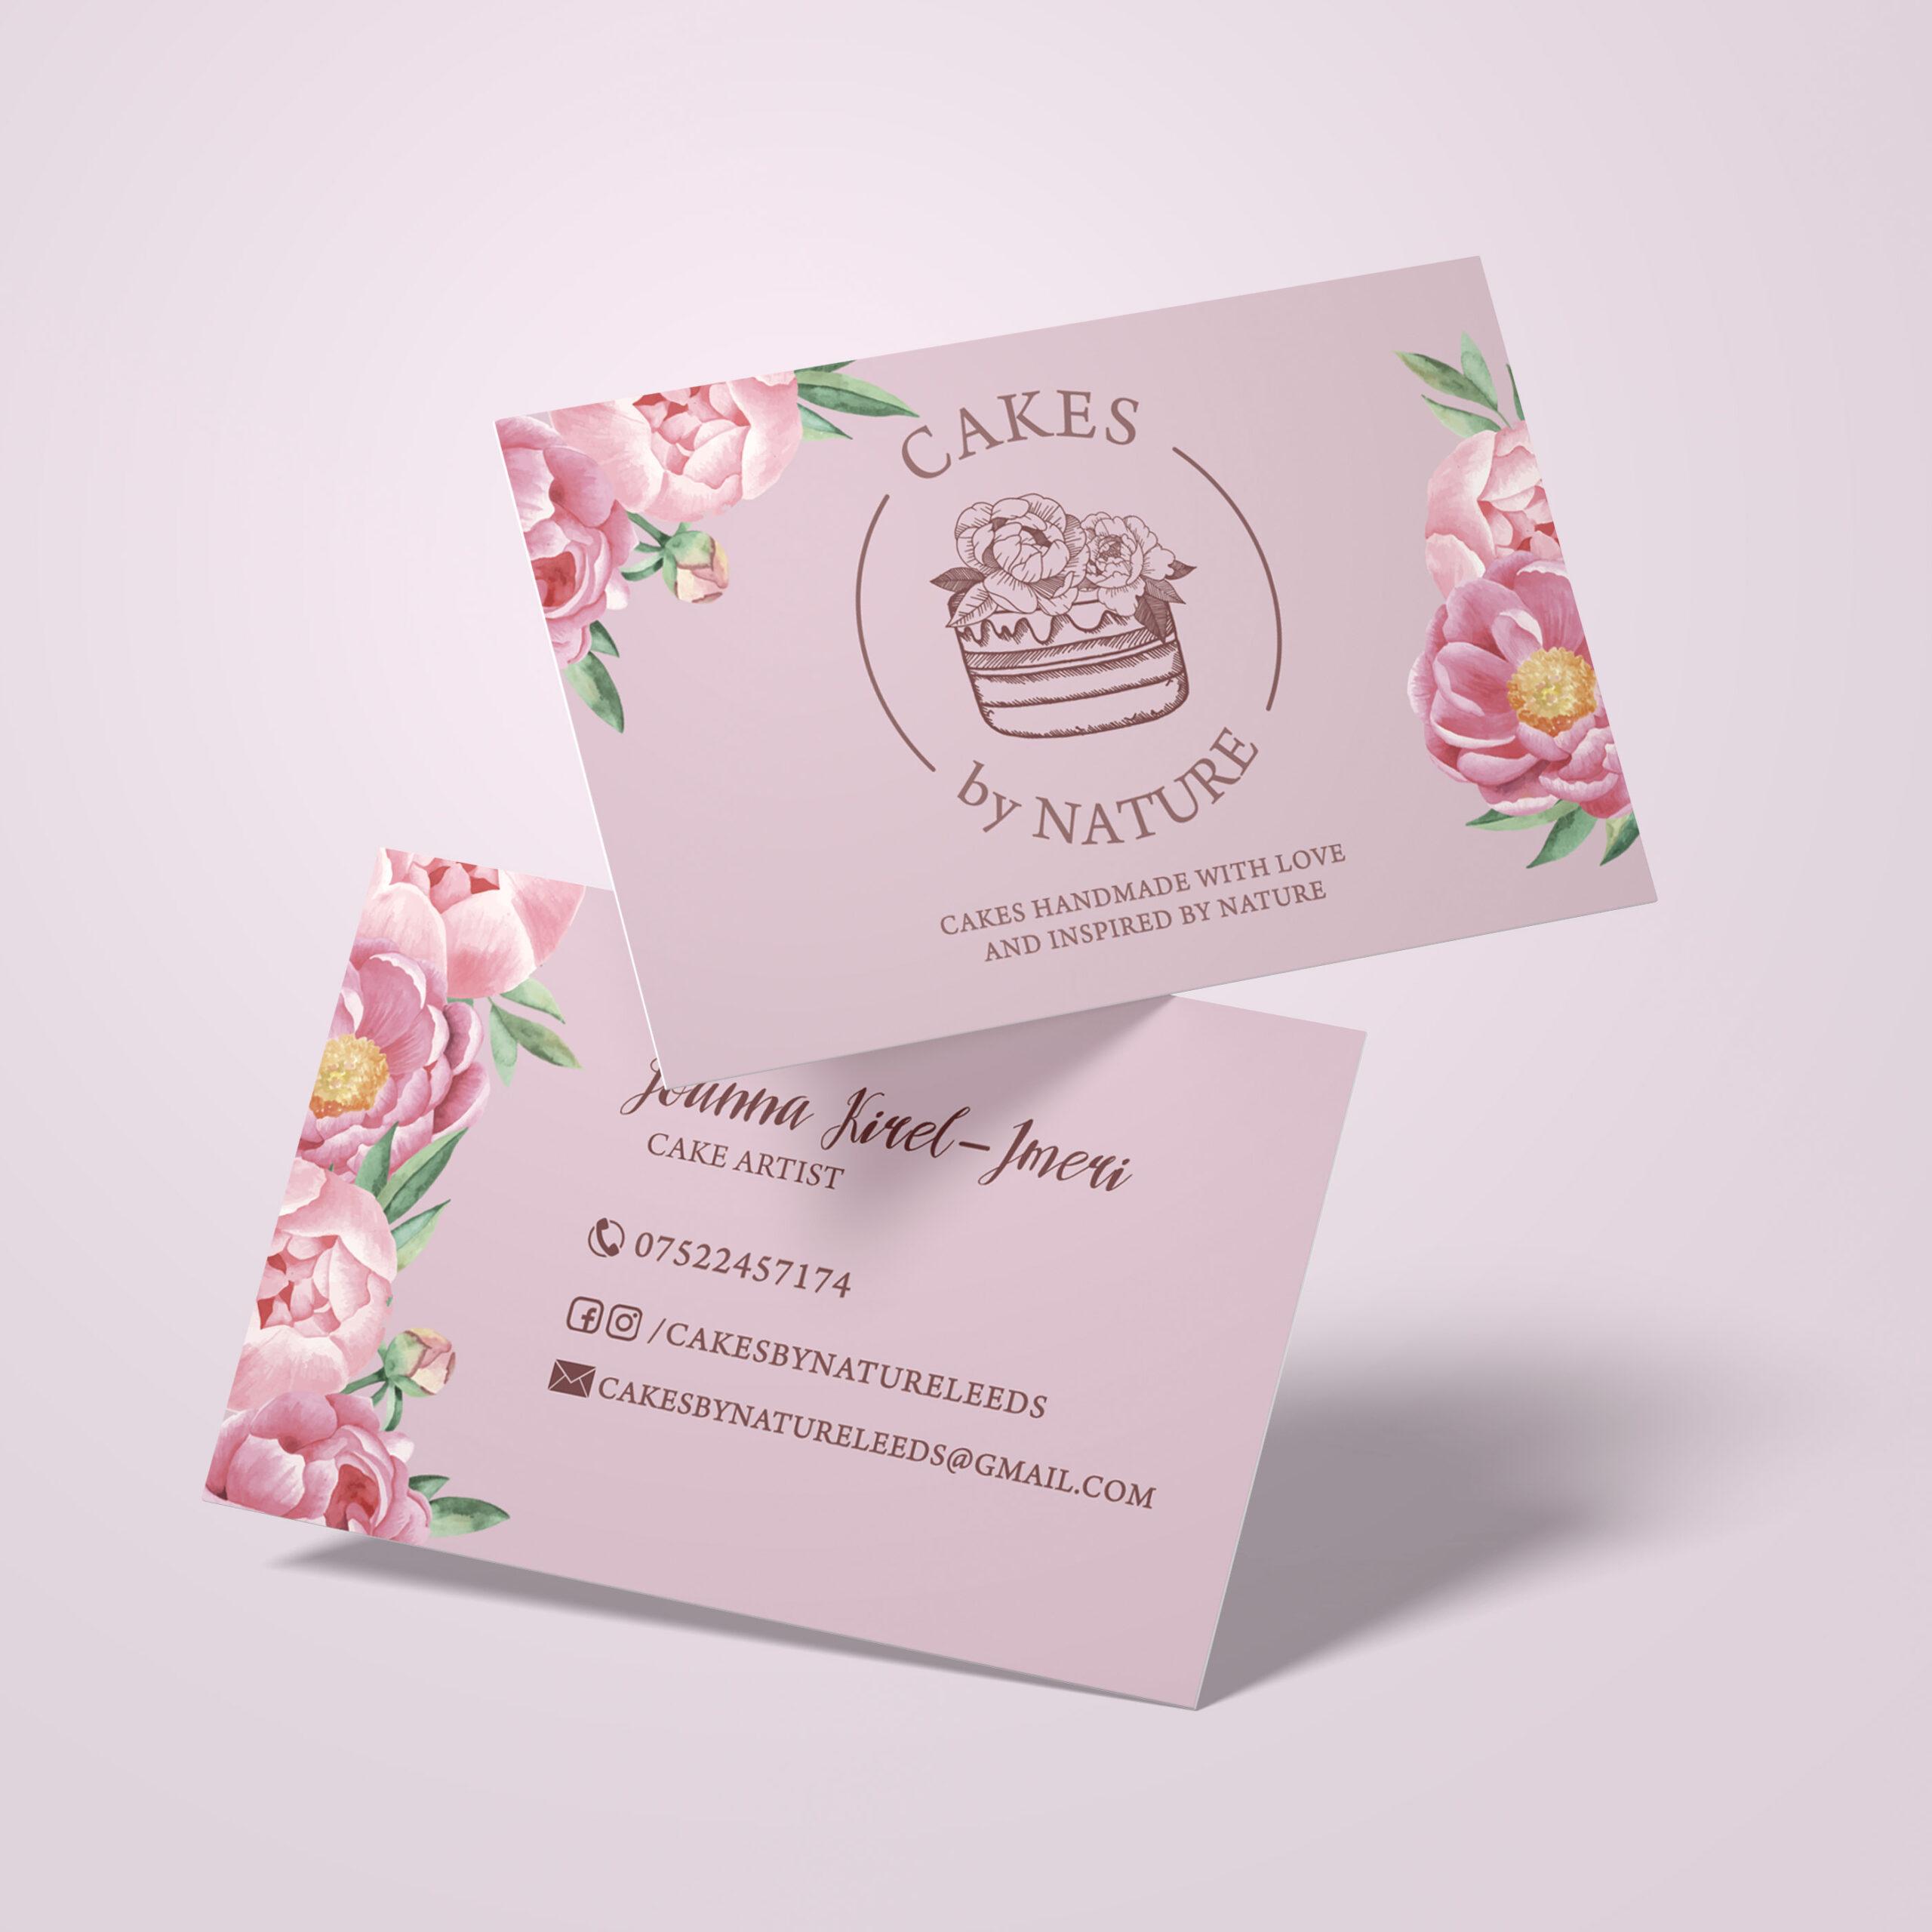 Cakes byNature – wizytówki